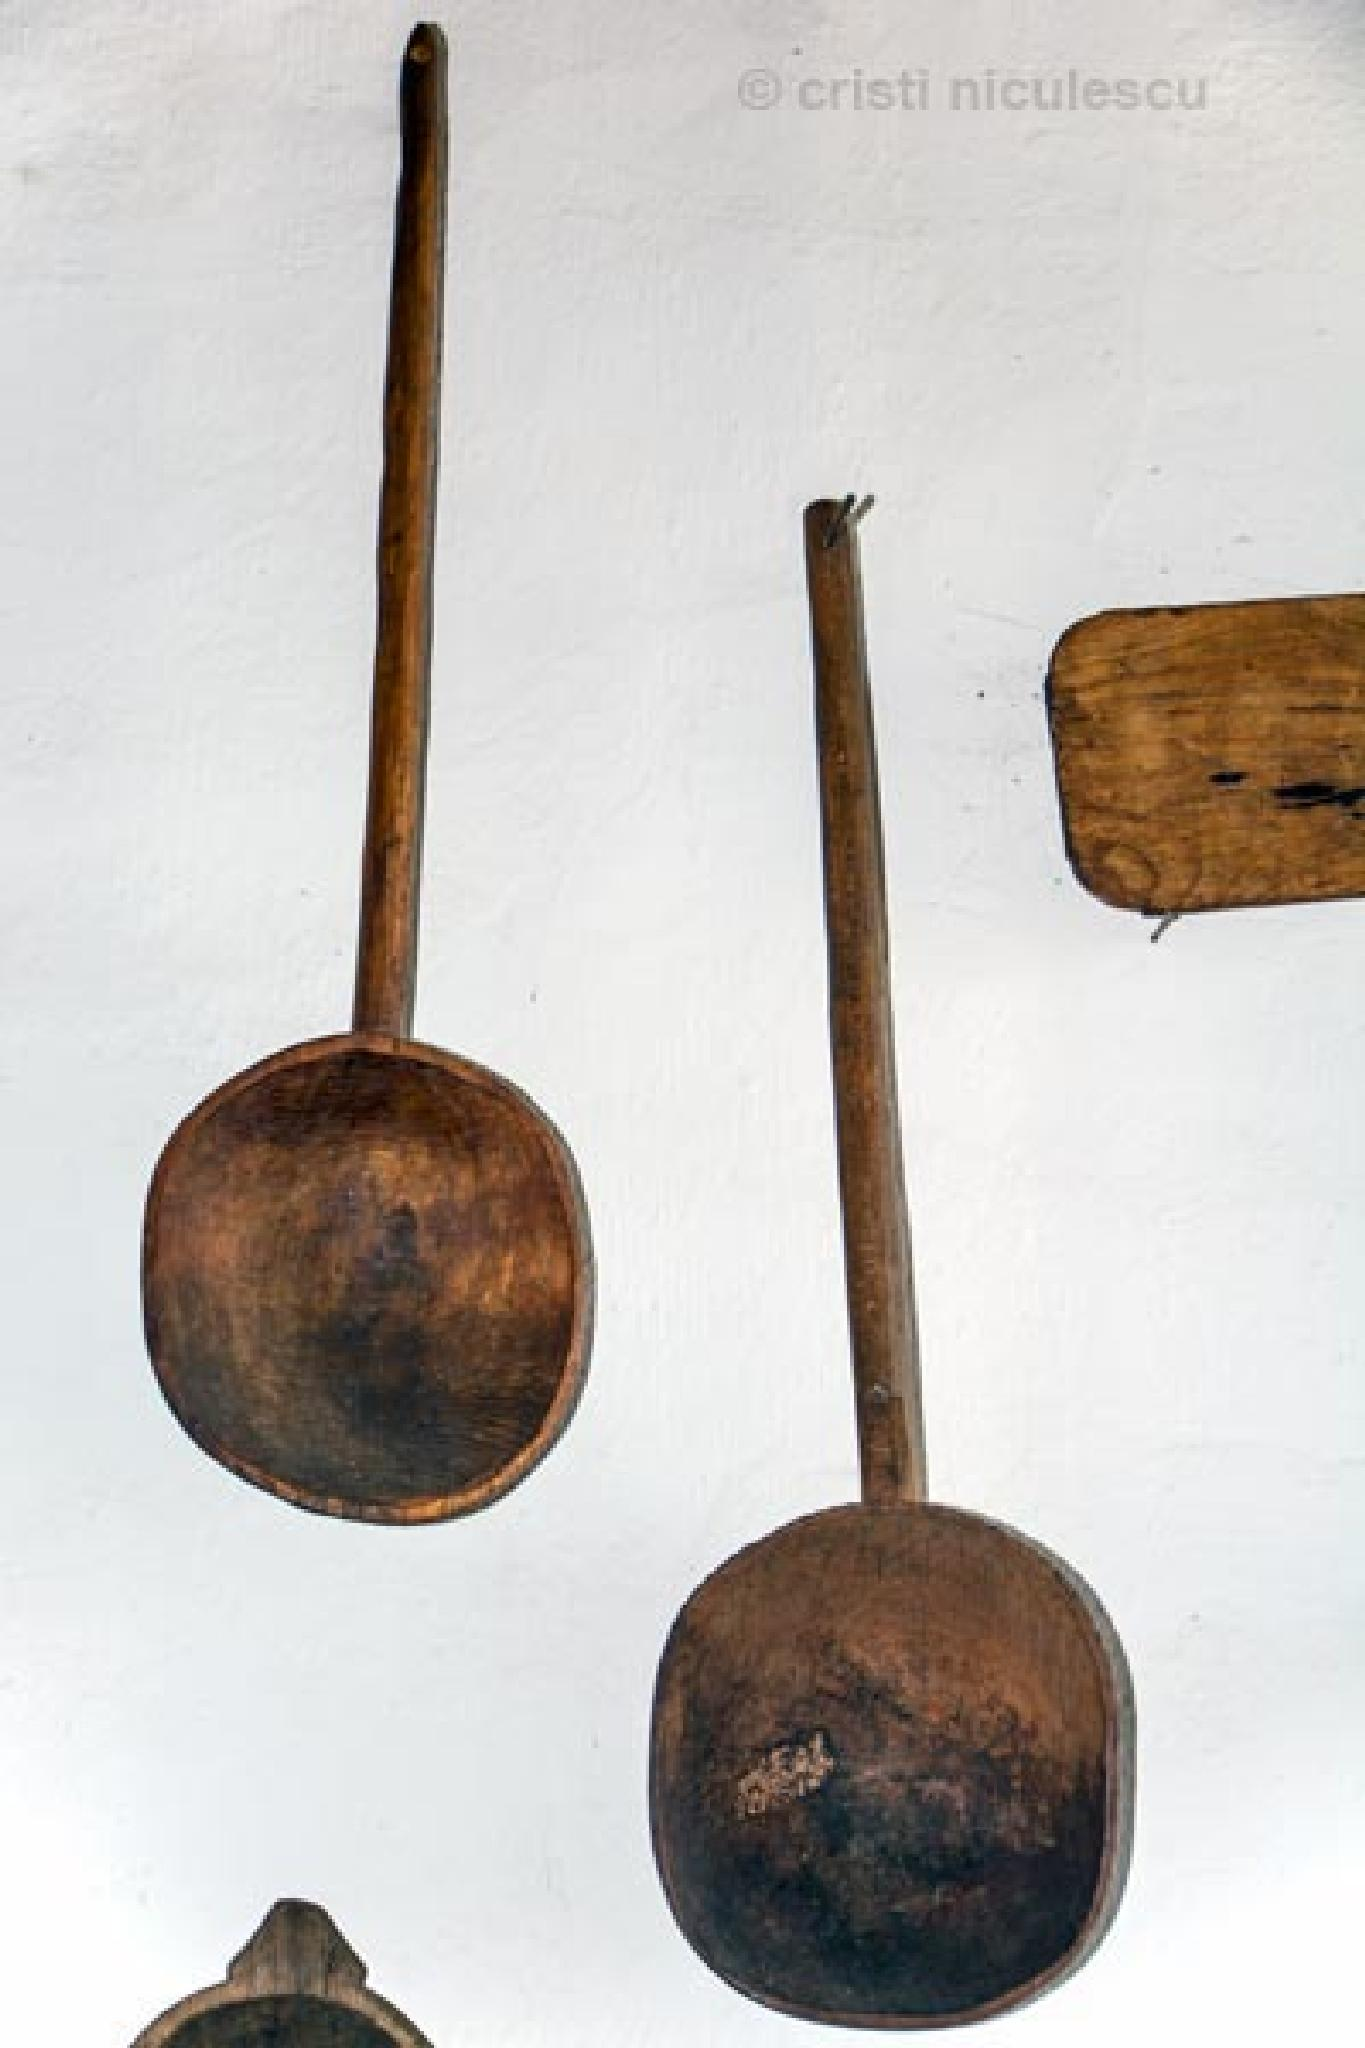 Spoons by Cristi Niculescu